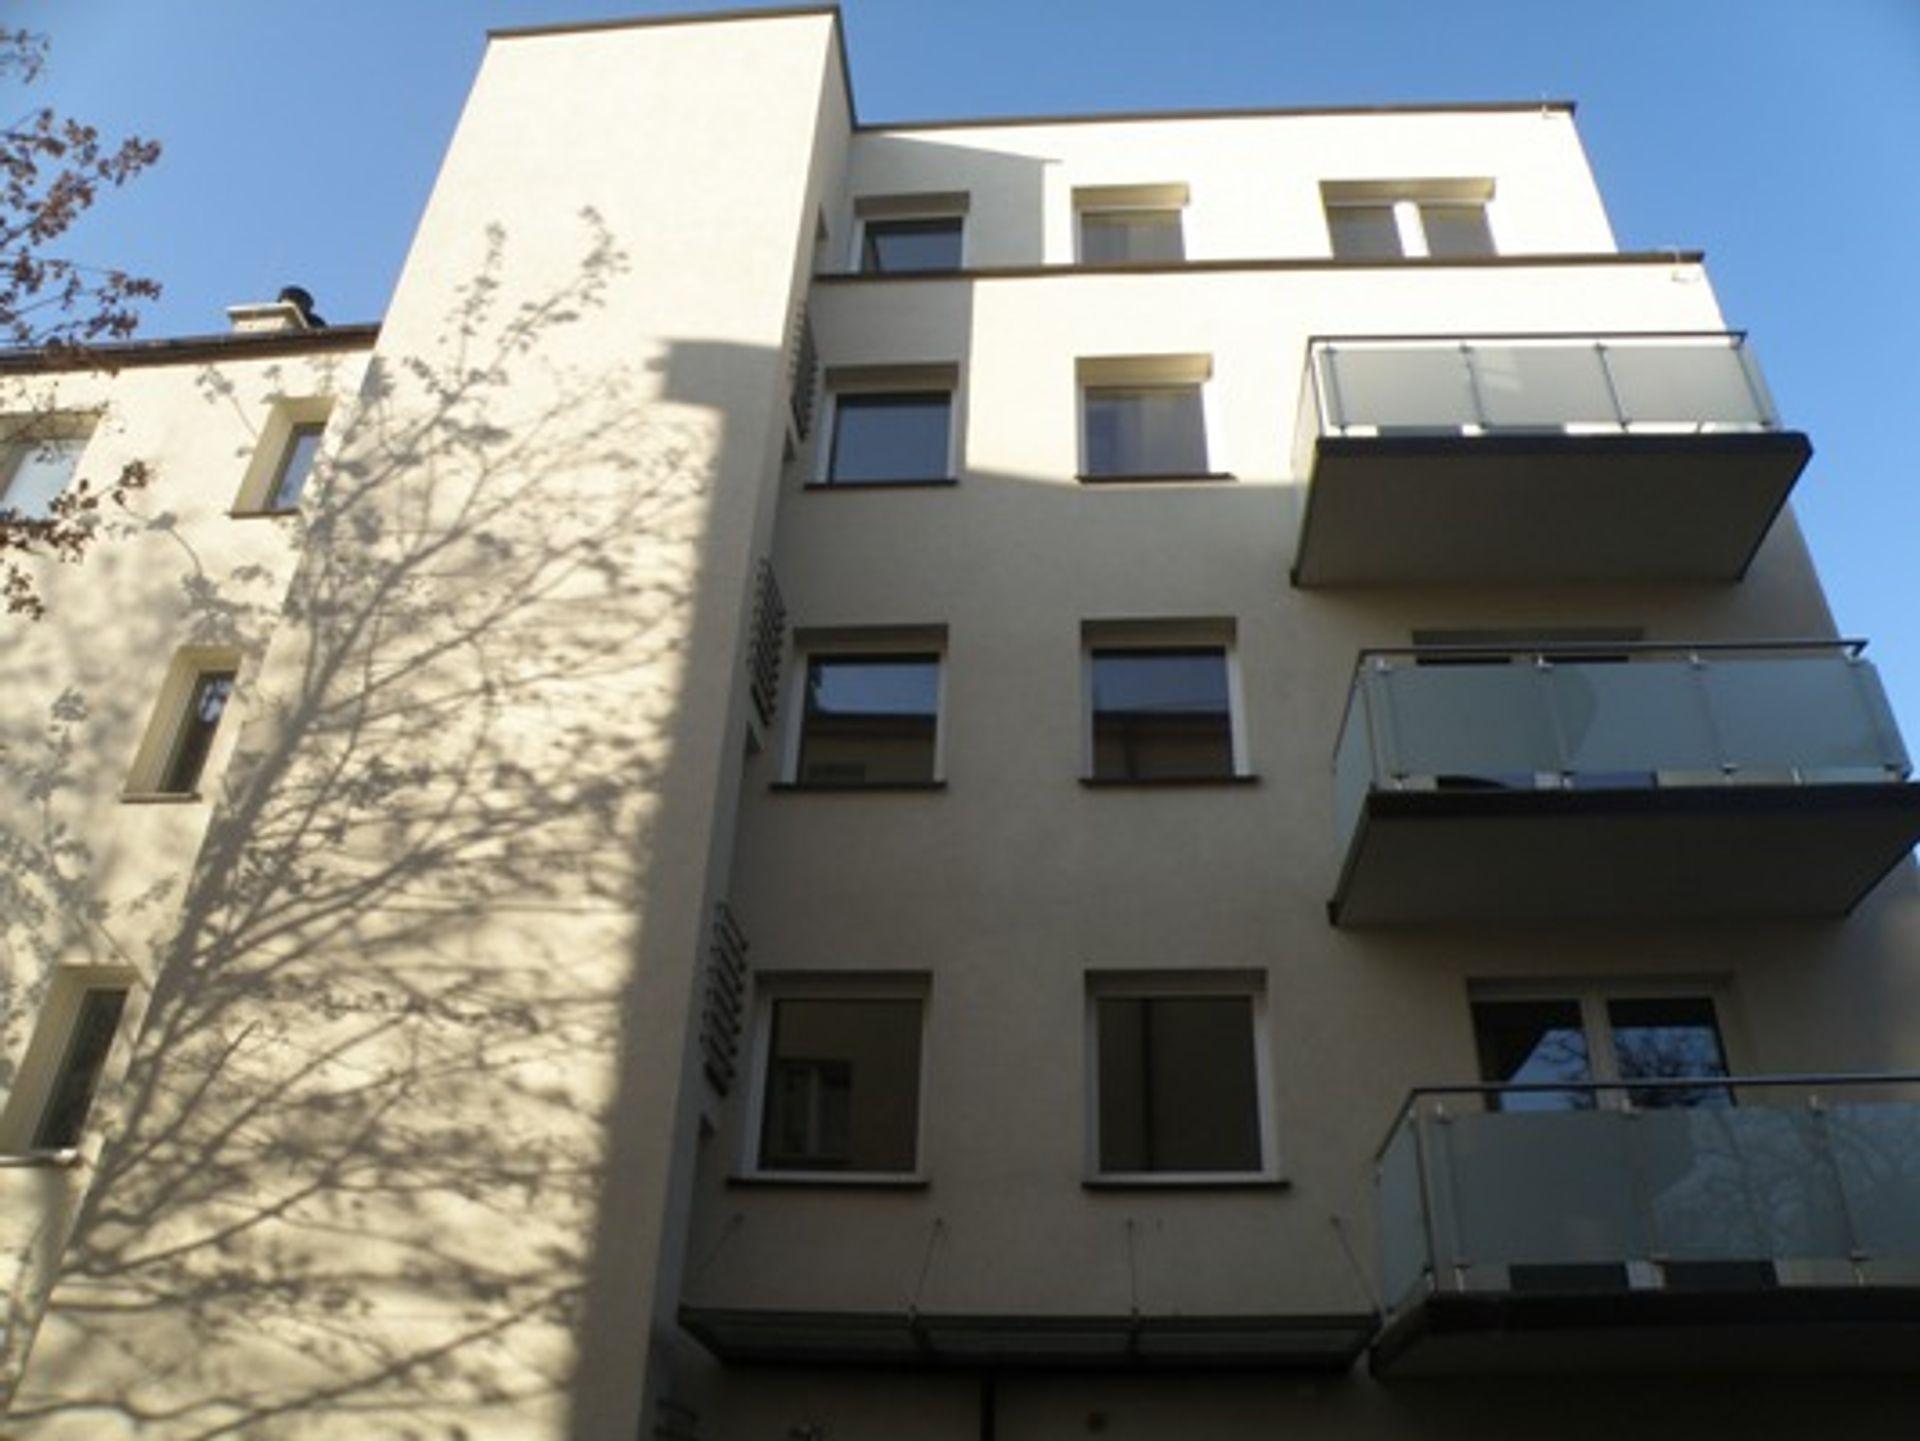 [Zabrze] Nowe mieszkania przy ul. Sobieskiego